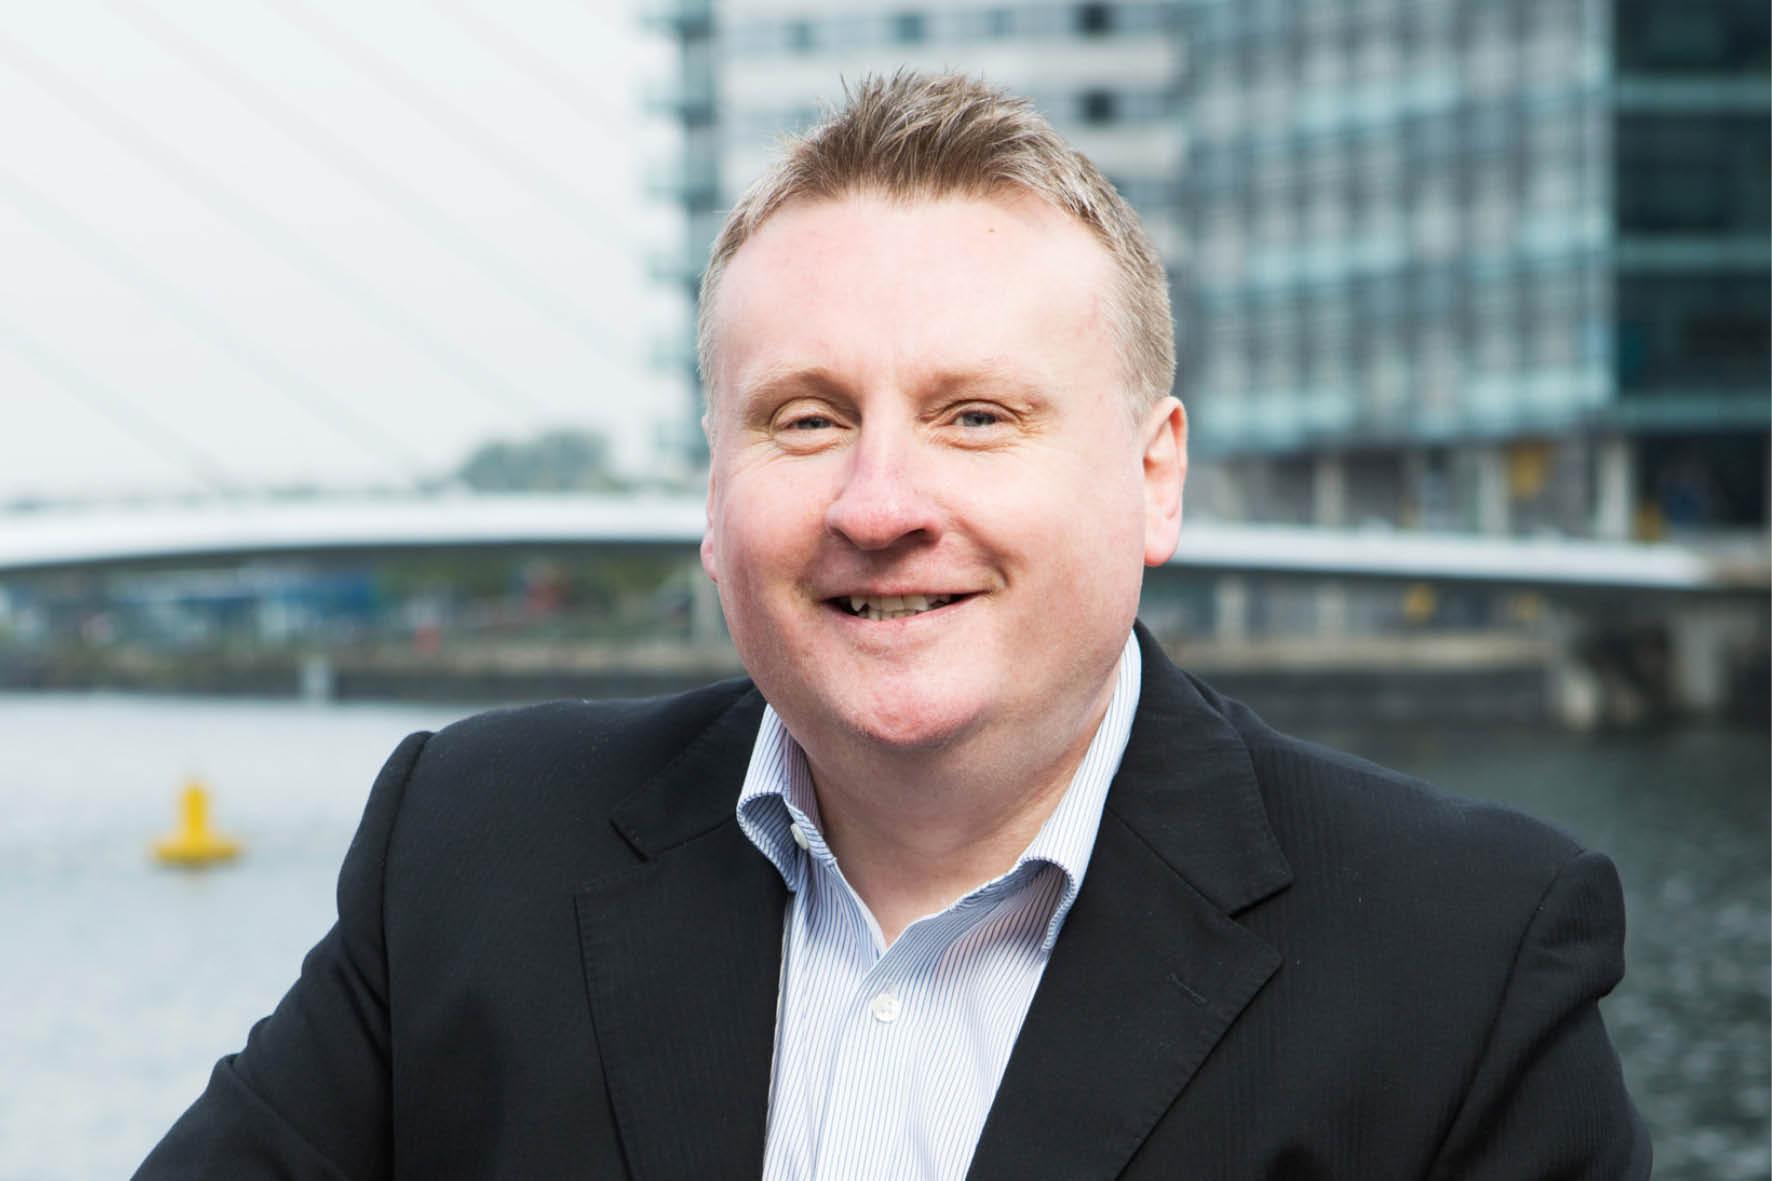 Steve Williams - Senior Manager